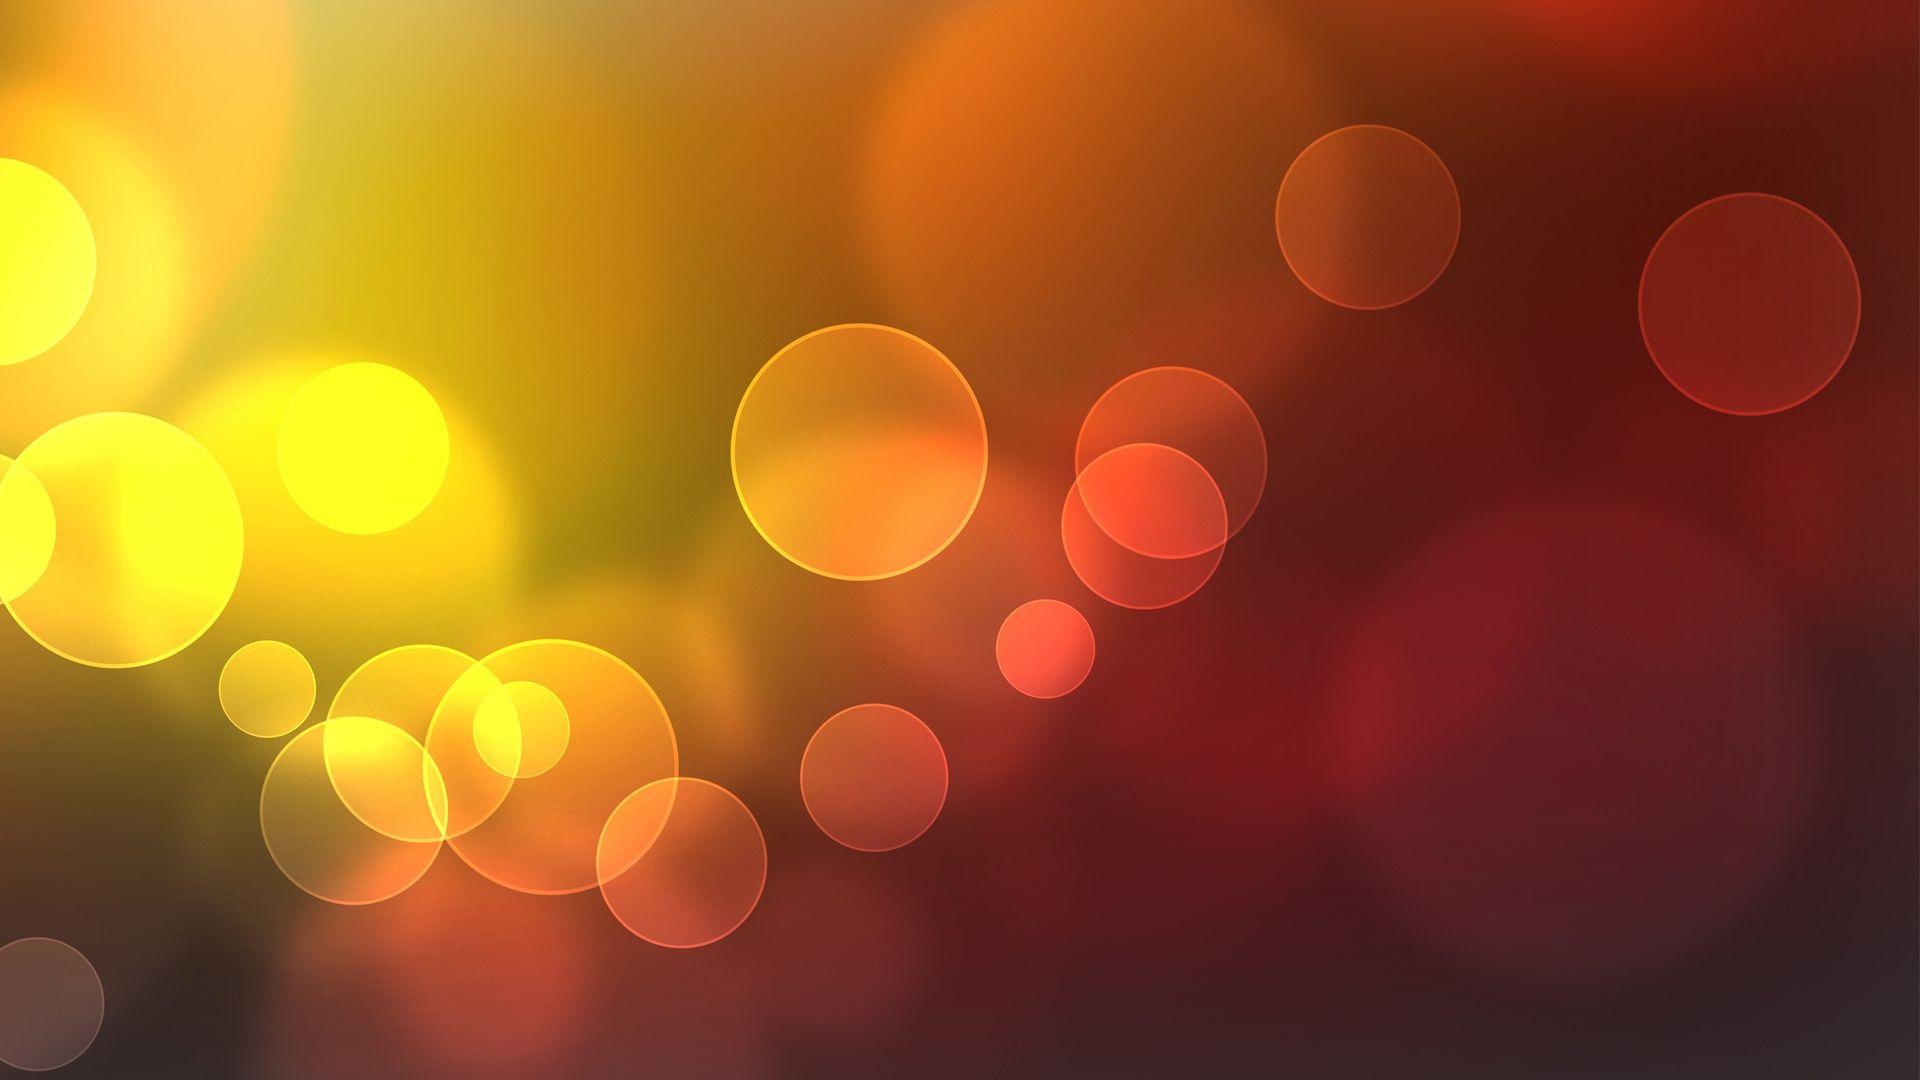 Light wallpaper image